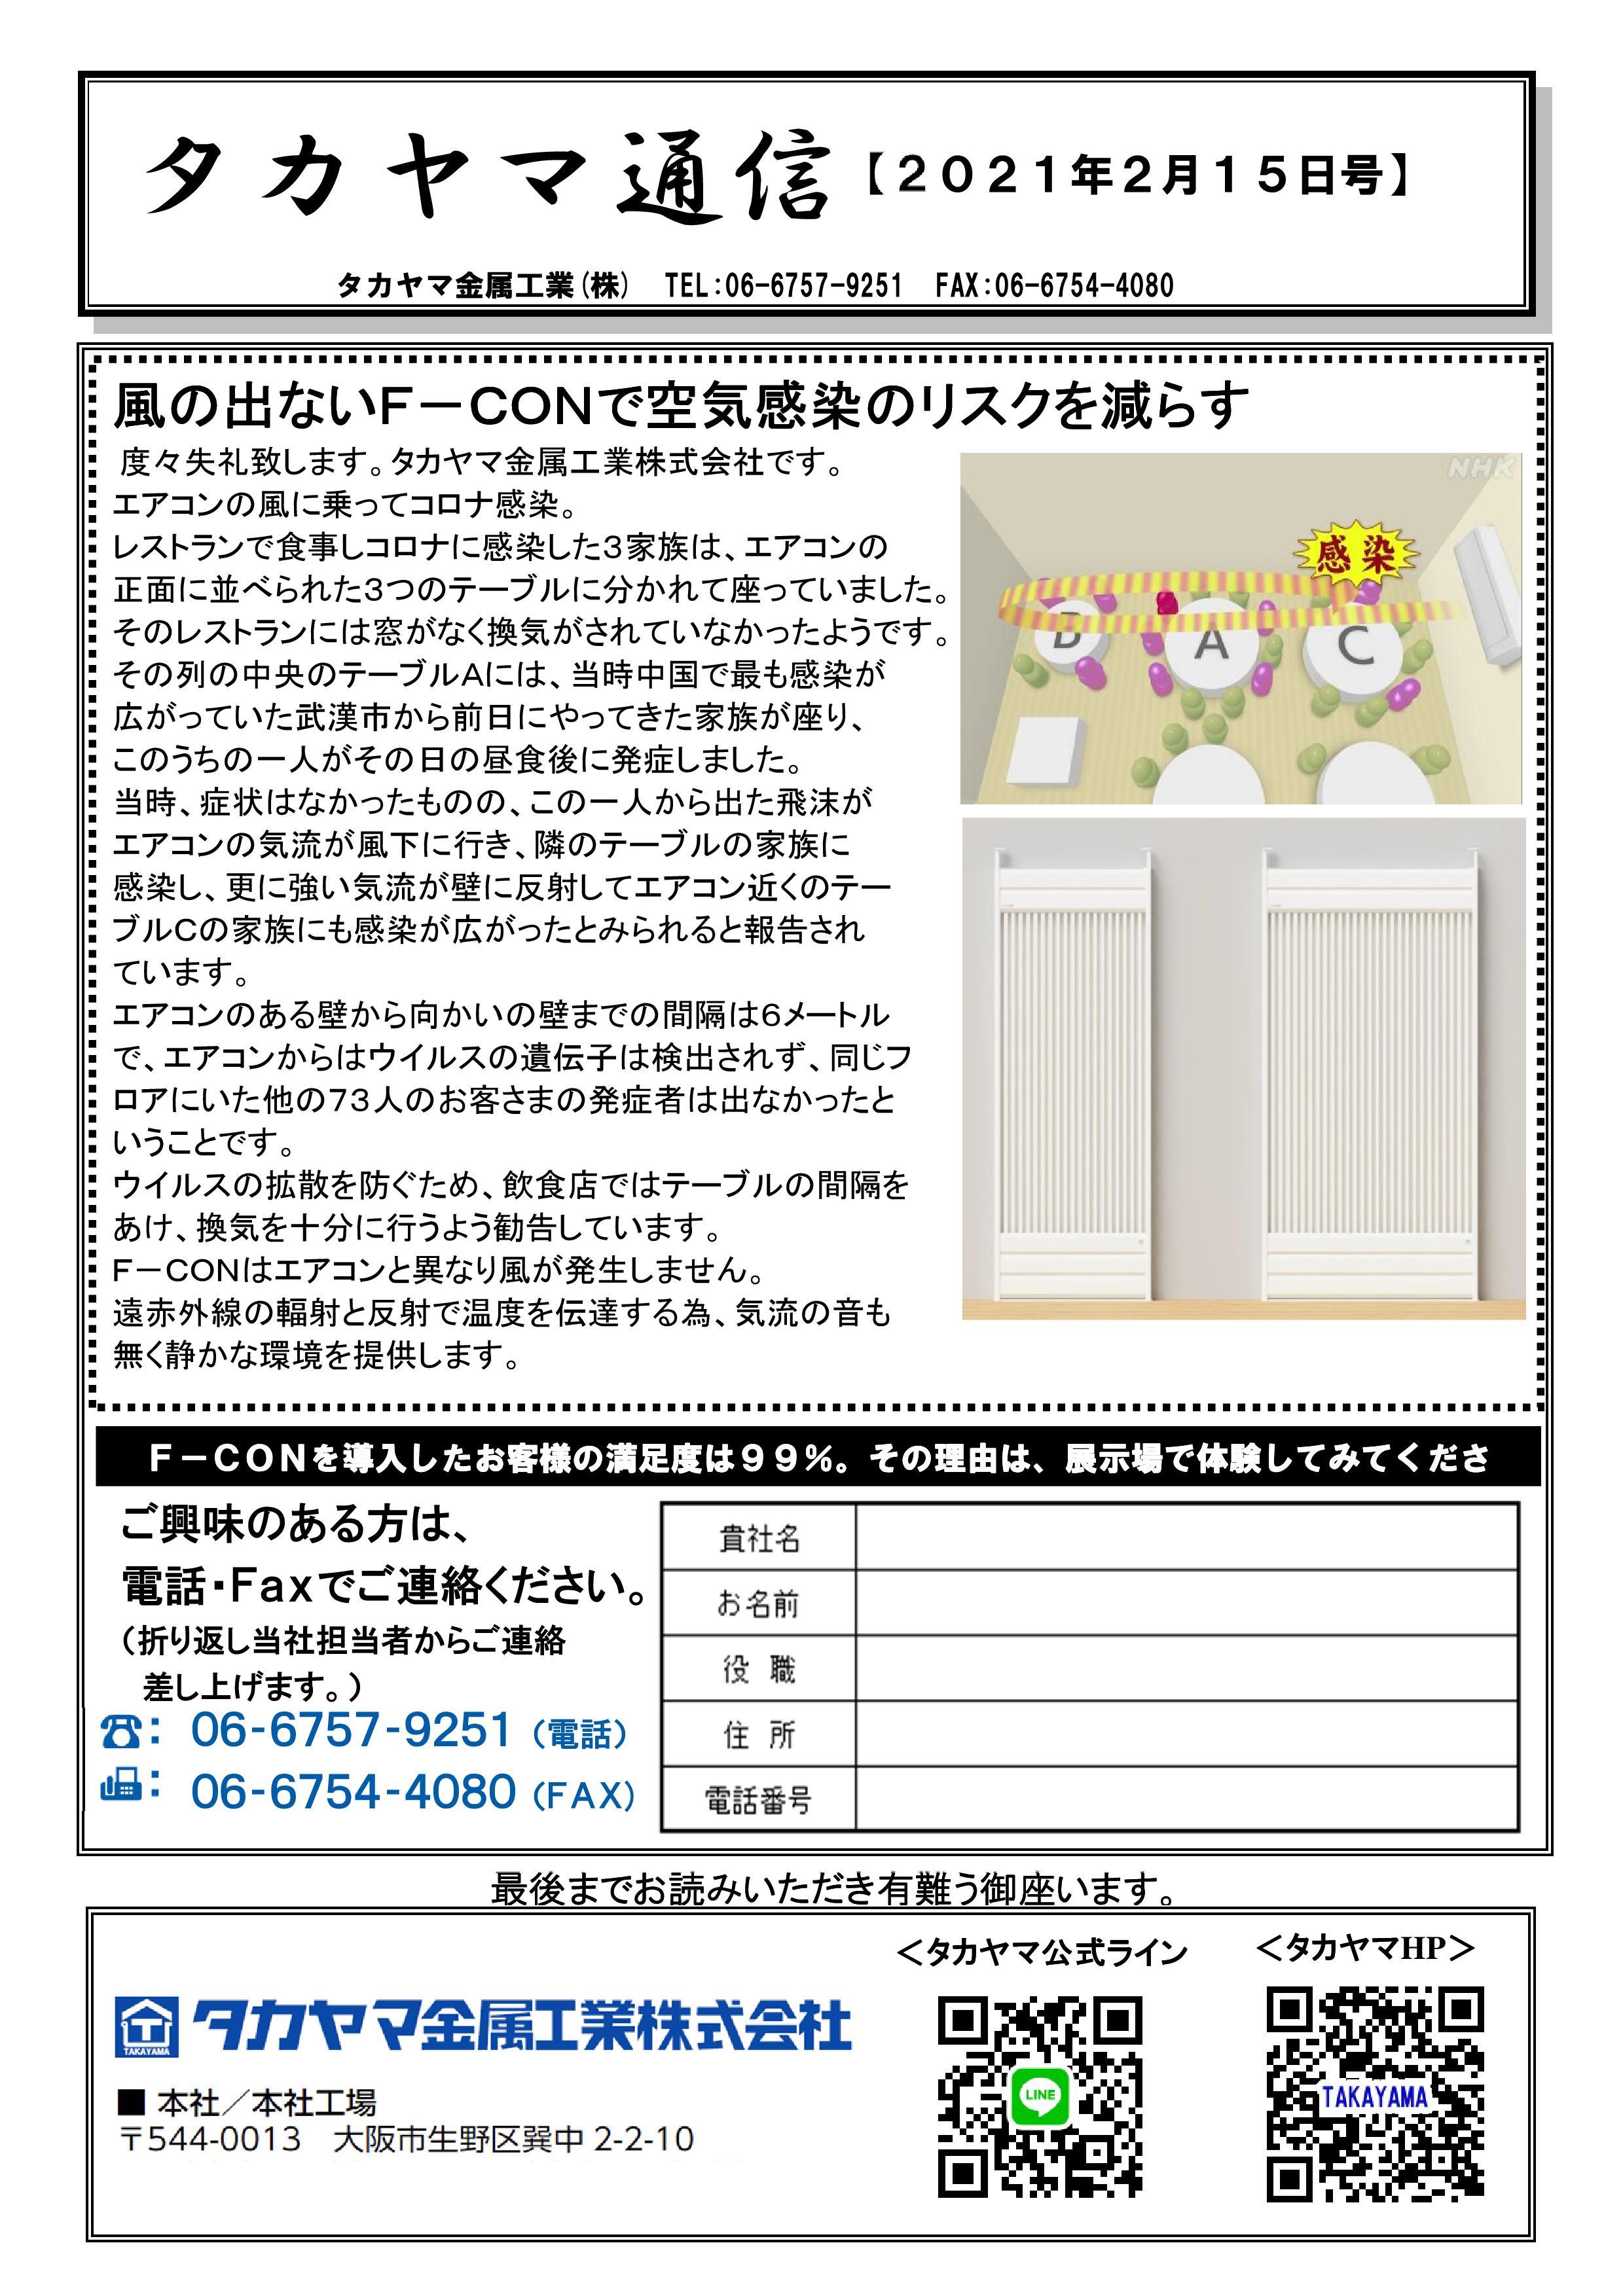 36:西日本:F-CON:タカヤマ通信【2021年2月15日分】